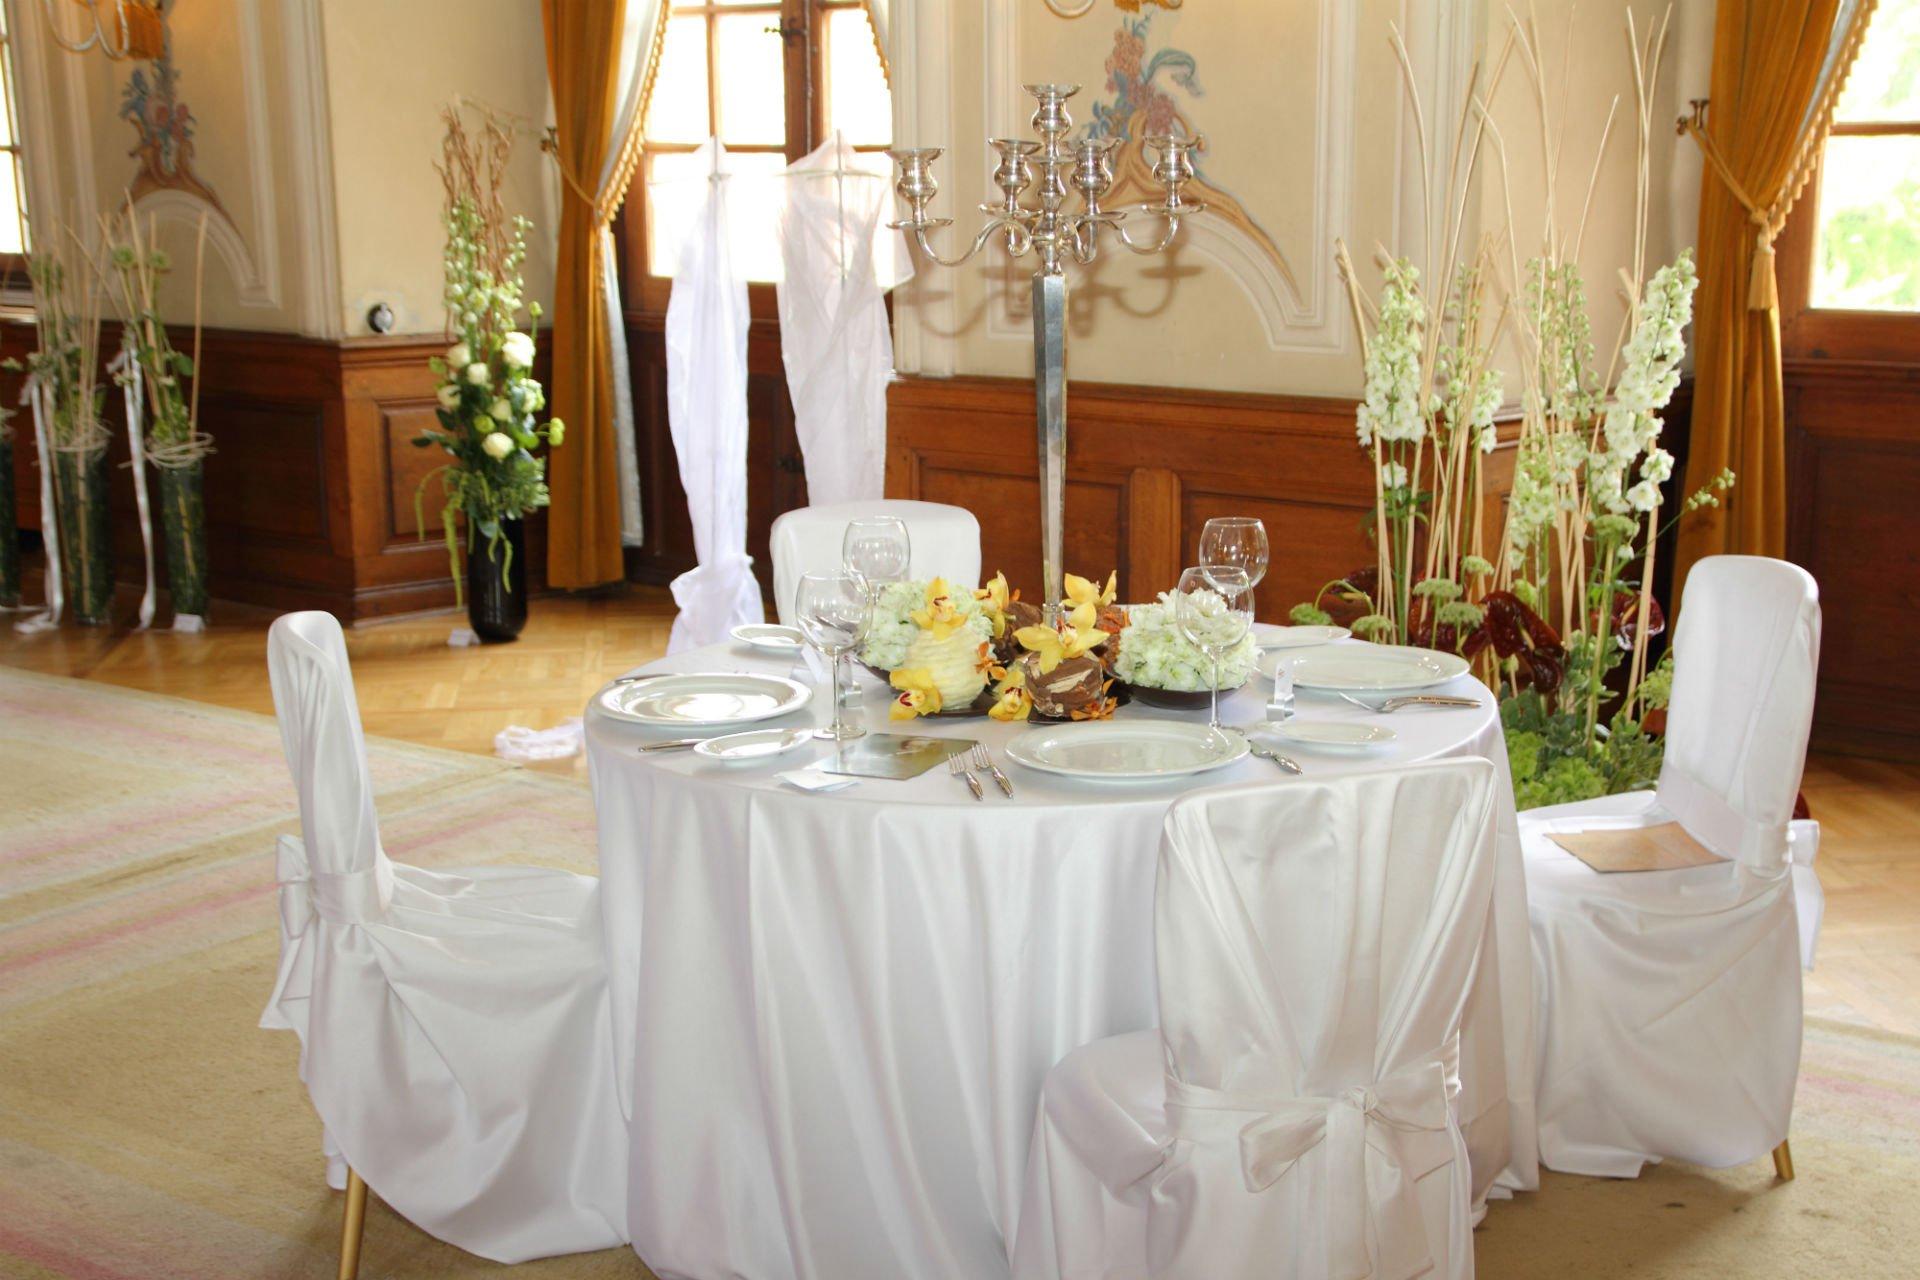 un tavolo apparecchiato per una cerimonia con piatti, fori e un candelabro